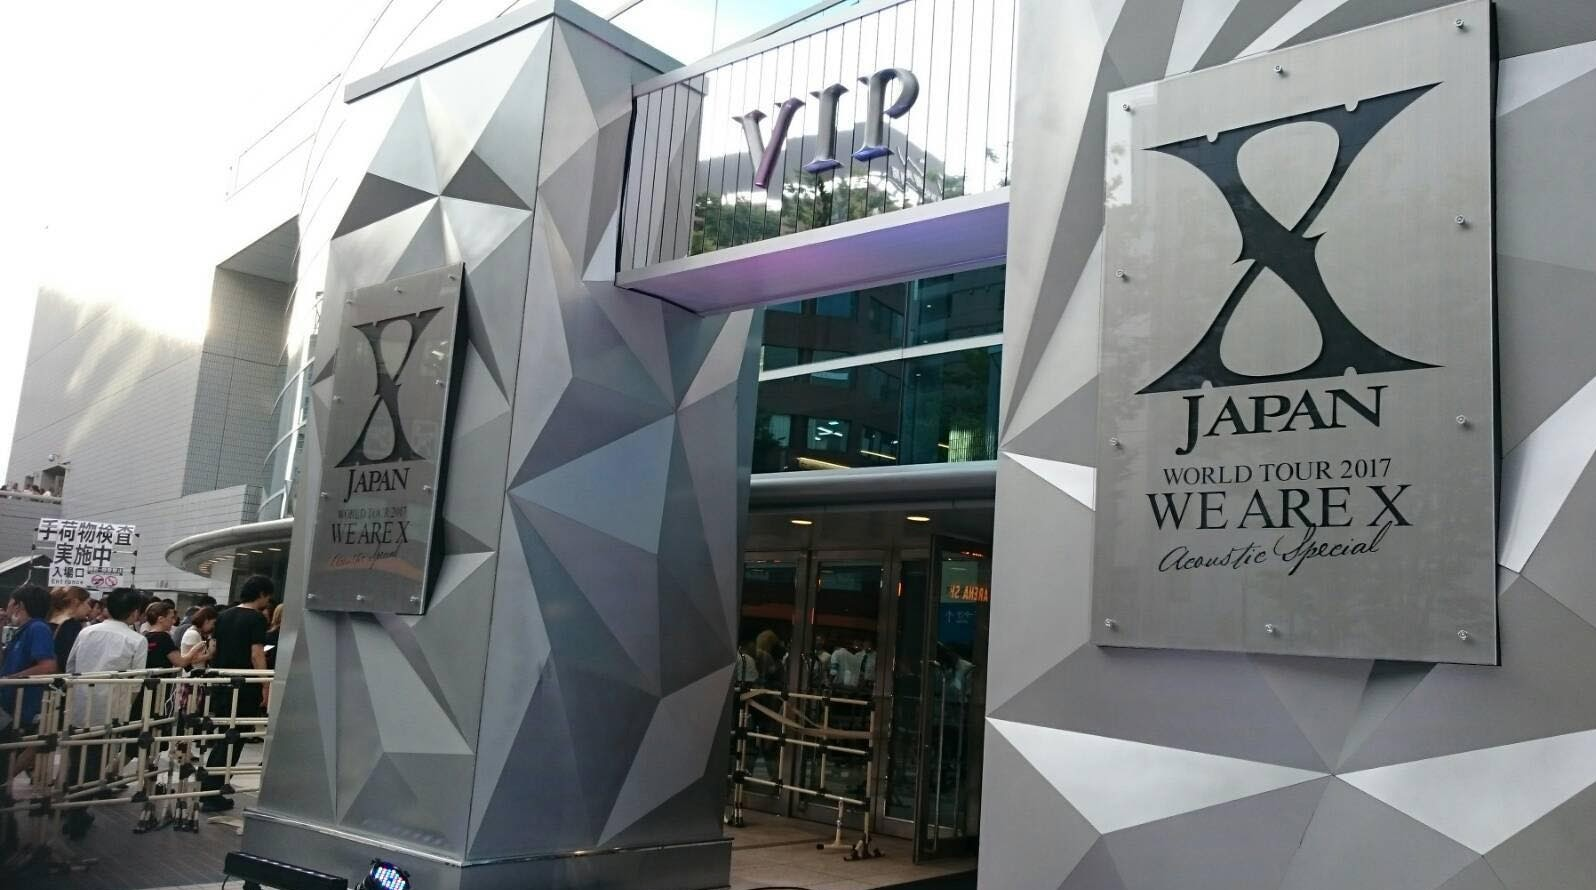 【迷迷現場】「雖然這是一場很任性的演出,但有大家的陪伴讓我們又能踏出新的一步。」X JAPAN WORLD TOUR 2017 WE ARE X第四場演出報導